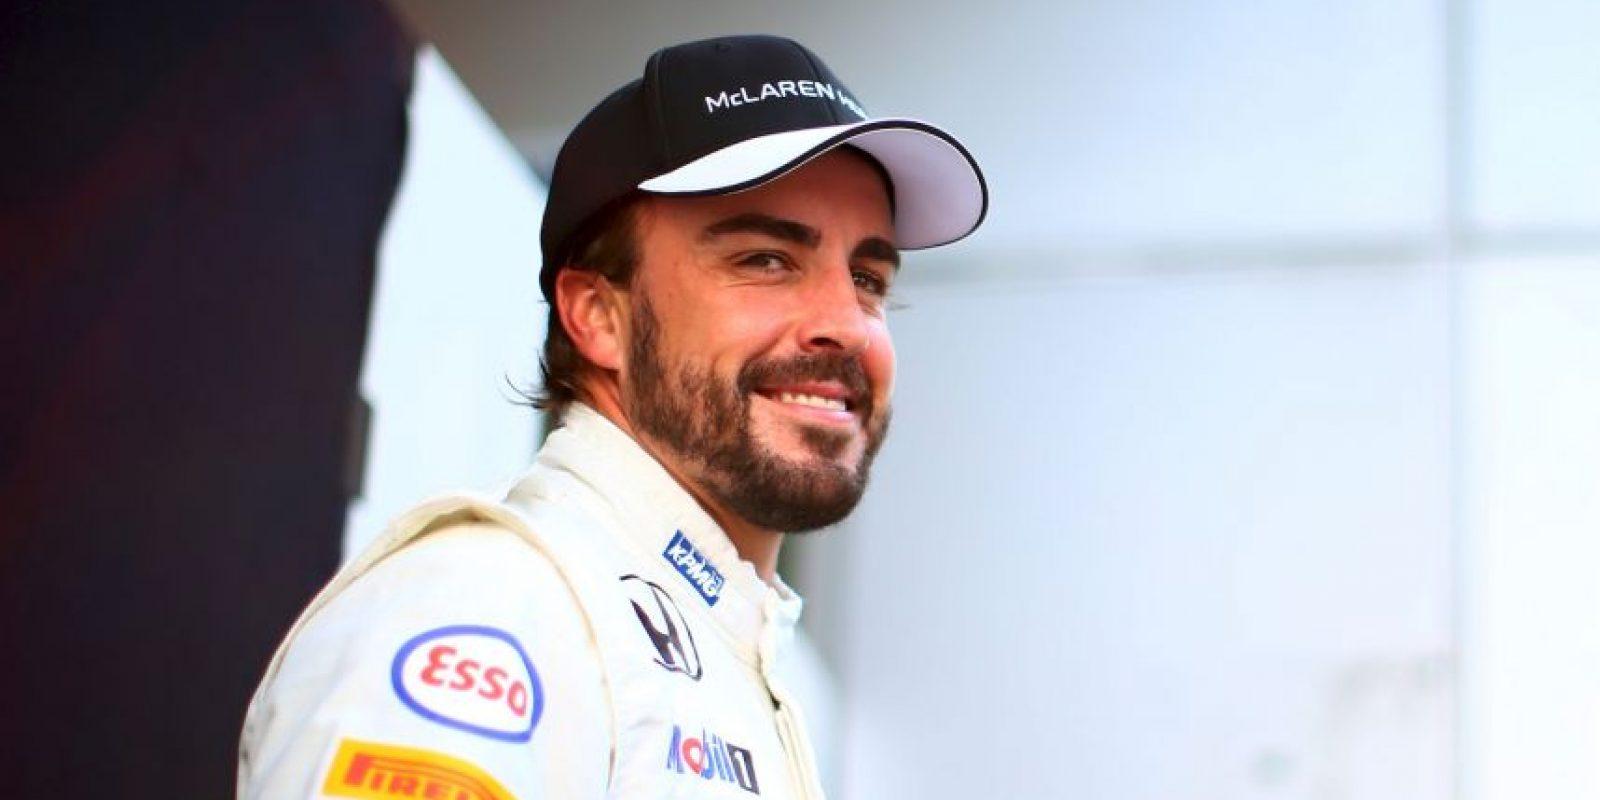 En las pruebas, previo al arranque de la temporada 2015 del Mundial de Fórmula 1, Fernando Alonso, piloto de McLaren, sufrió un accidente en el circuito de Montmeló en Barcelona. Foto:Getty Images